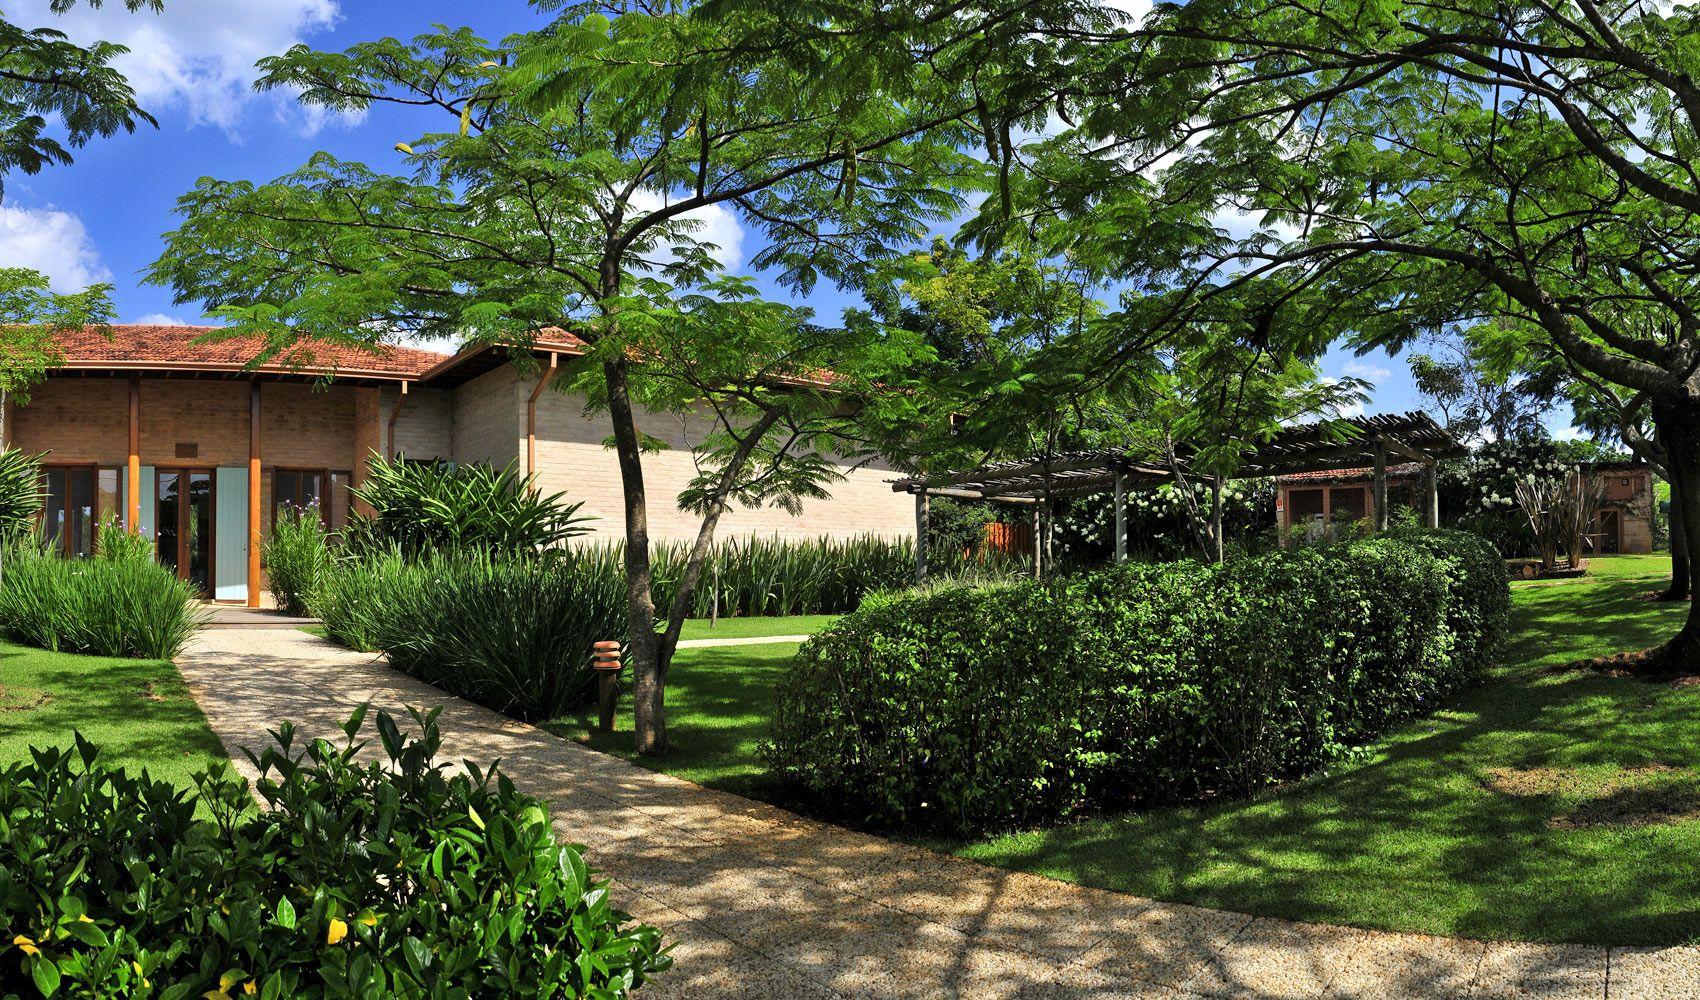 Dise o de exteriores jardines modernos y tropicales for Jardines pequenos para frentes de casas